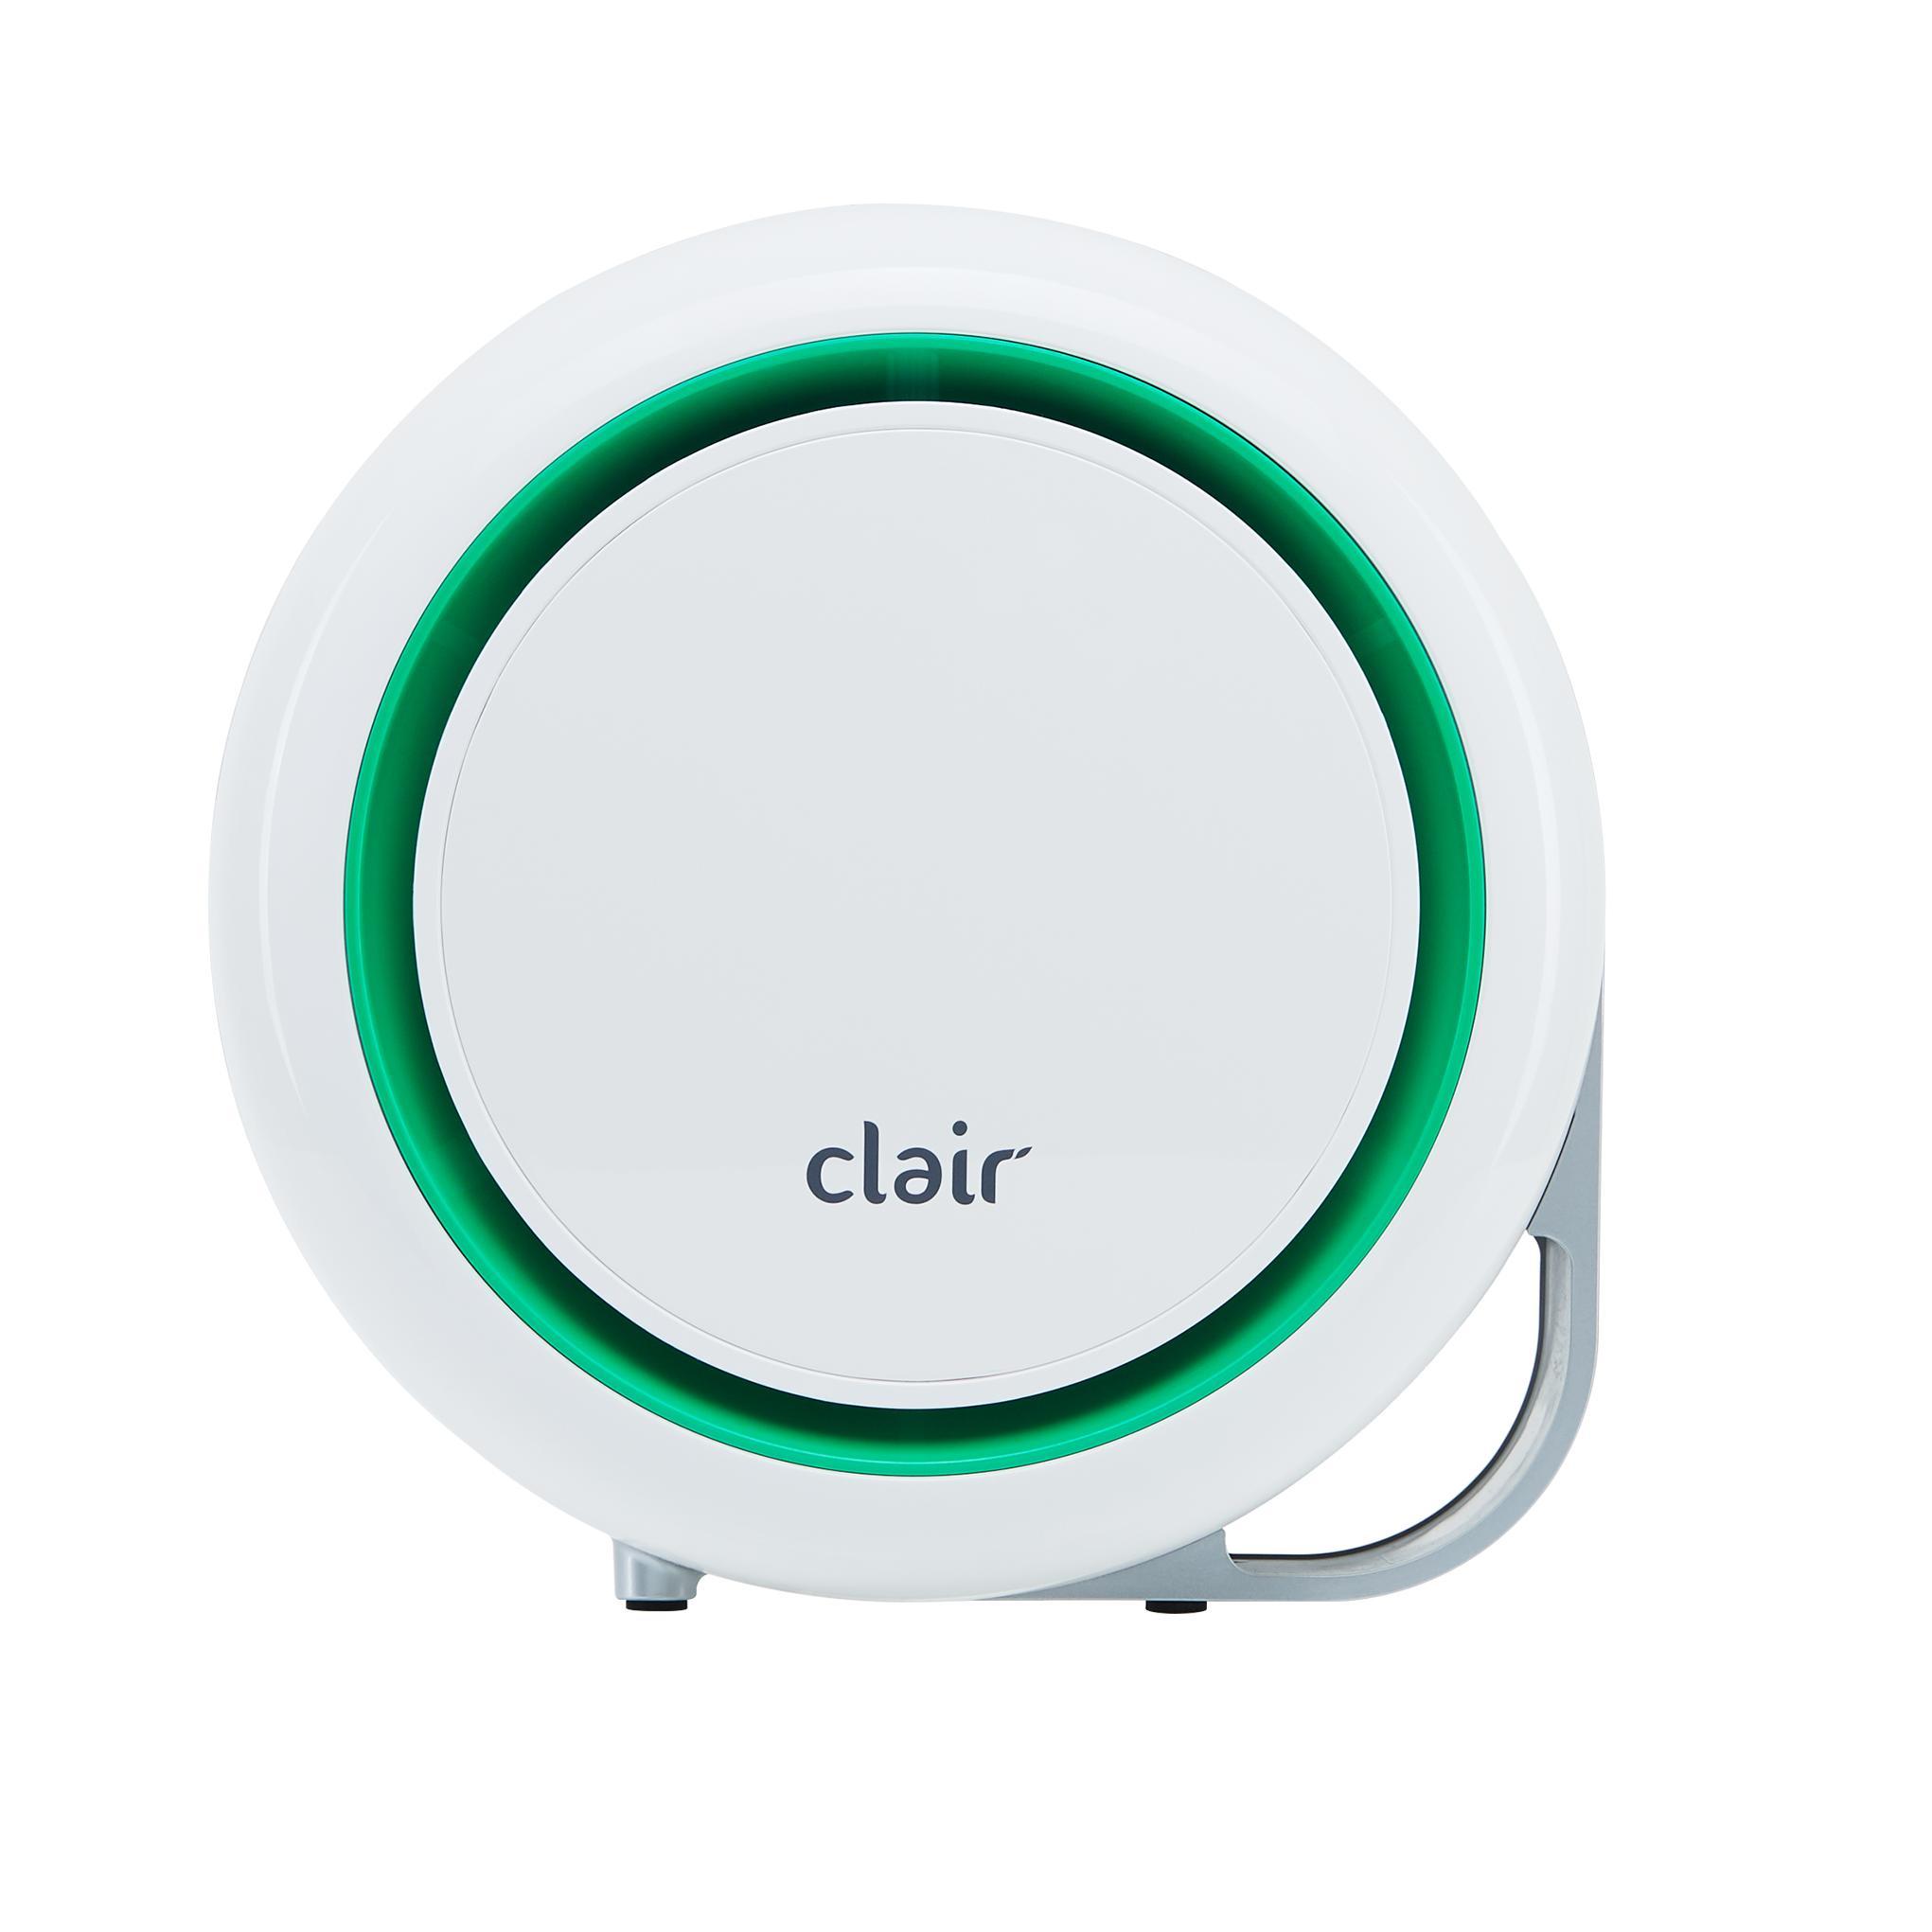 Bảng giá Máy Lọc Không Khí Clair RING - R1BF2025 - Hàng nhập khẩu chính hãng